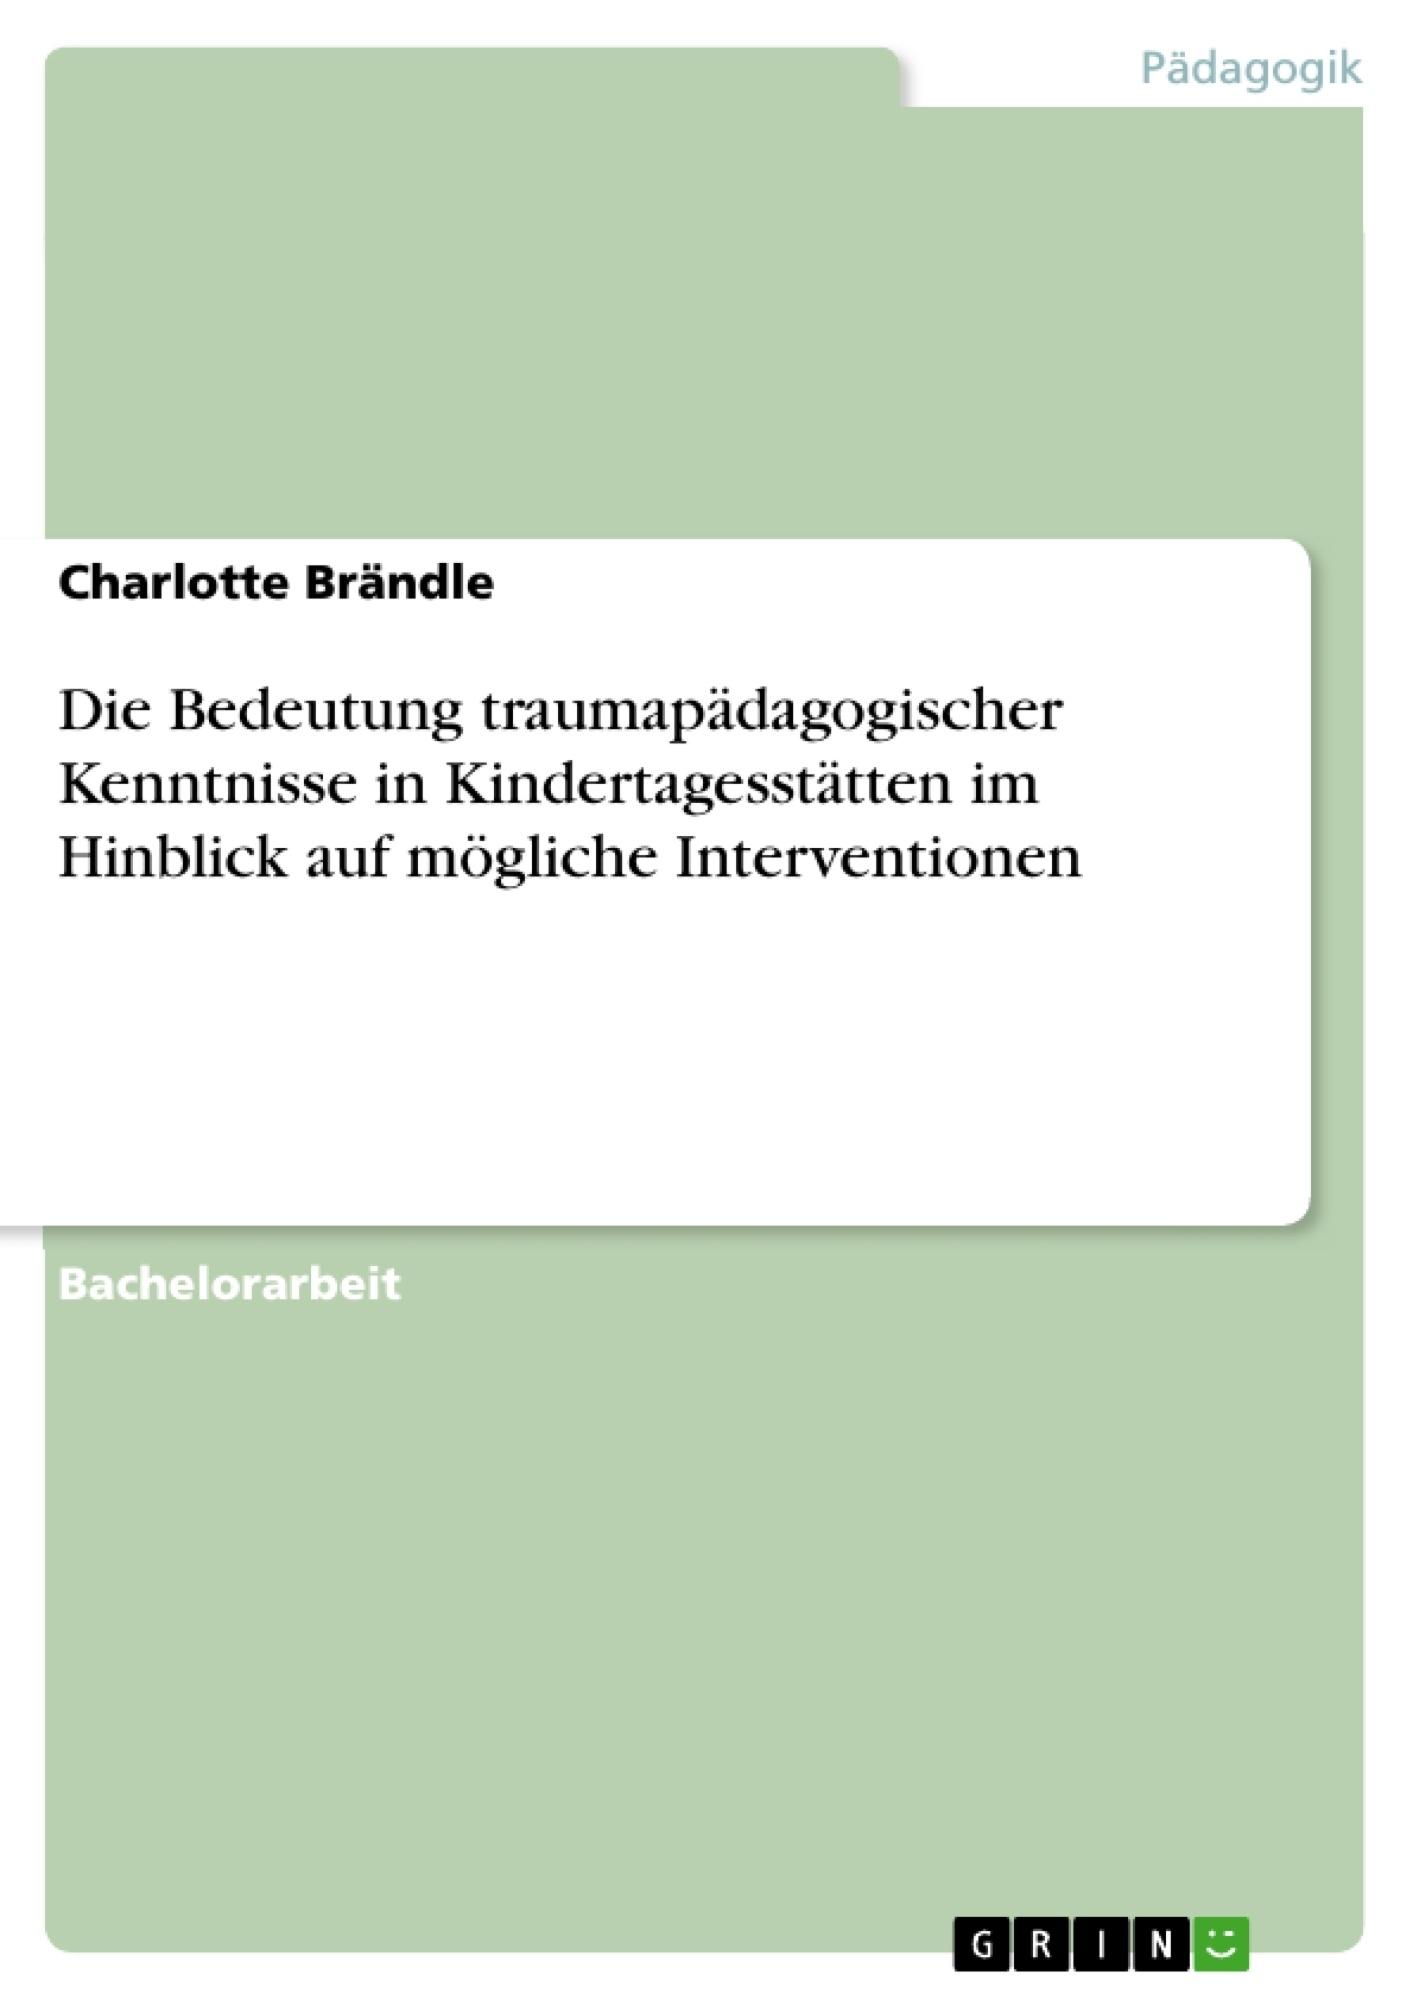 Titel: Die Bedeutung traumapädagogischer Kenntnisse in Kindertagesstätten im Hinblick auf mögliche Interventionen